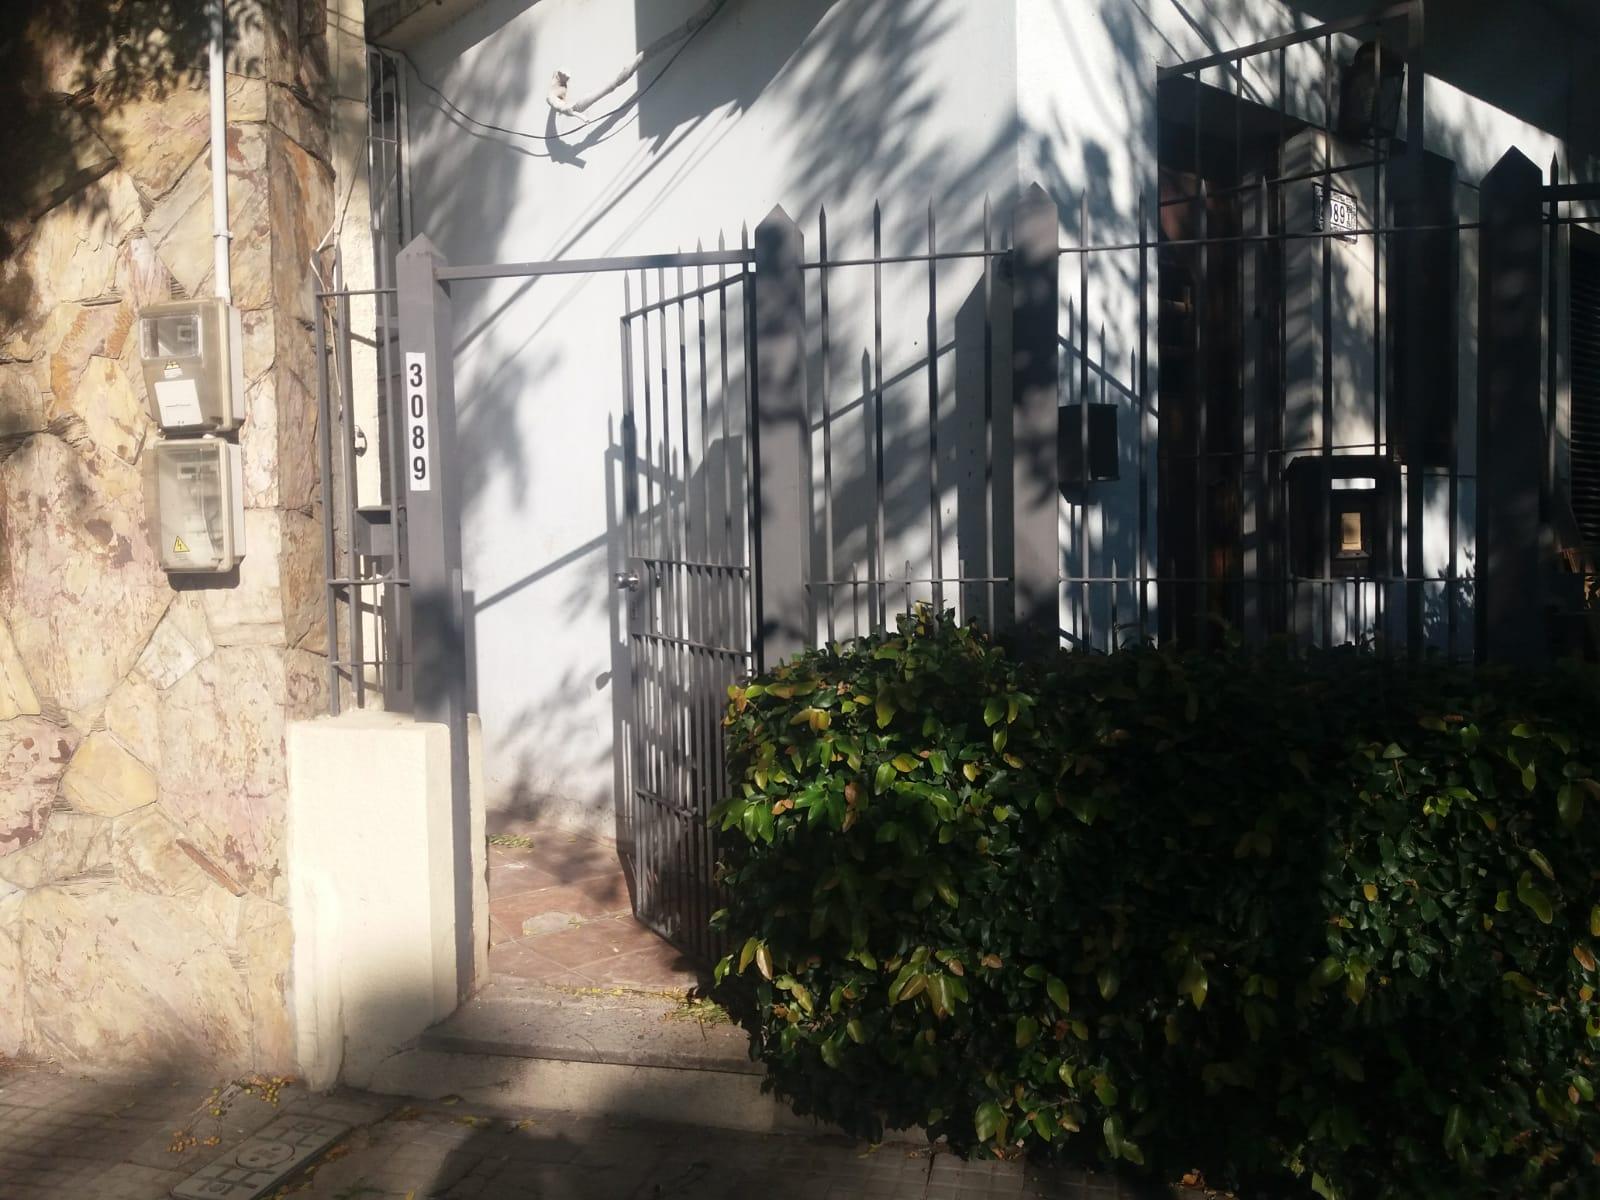 SEÑADO – Venta Casa de 2 dormitorios en Brazo Oriental. ¡Excelente oportunidad para inversión!